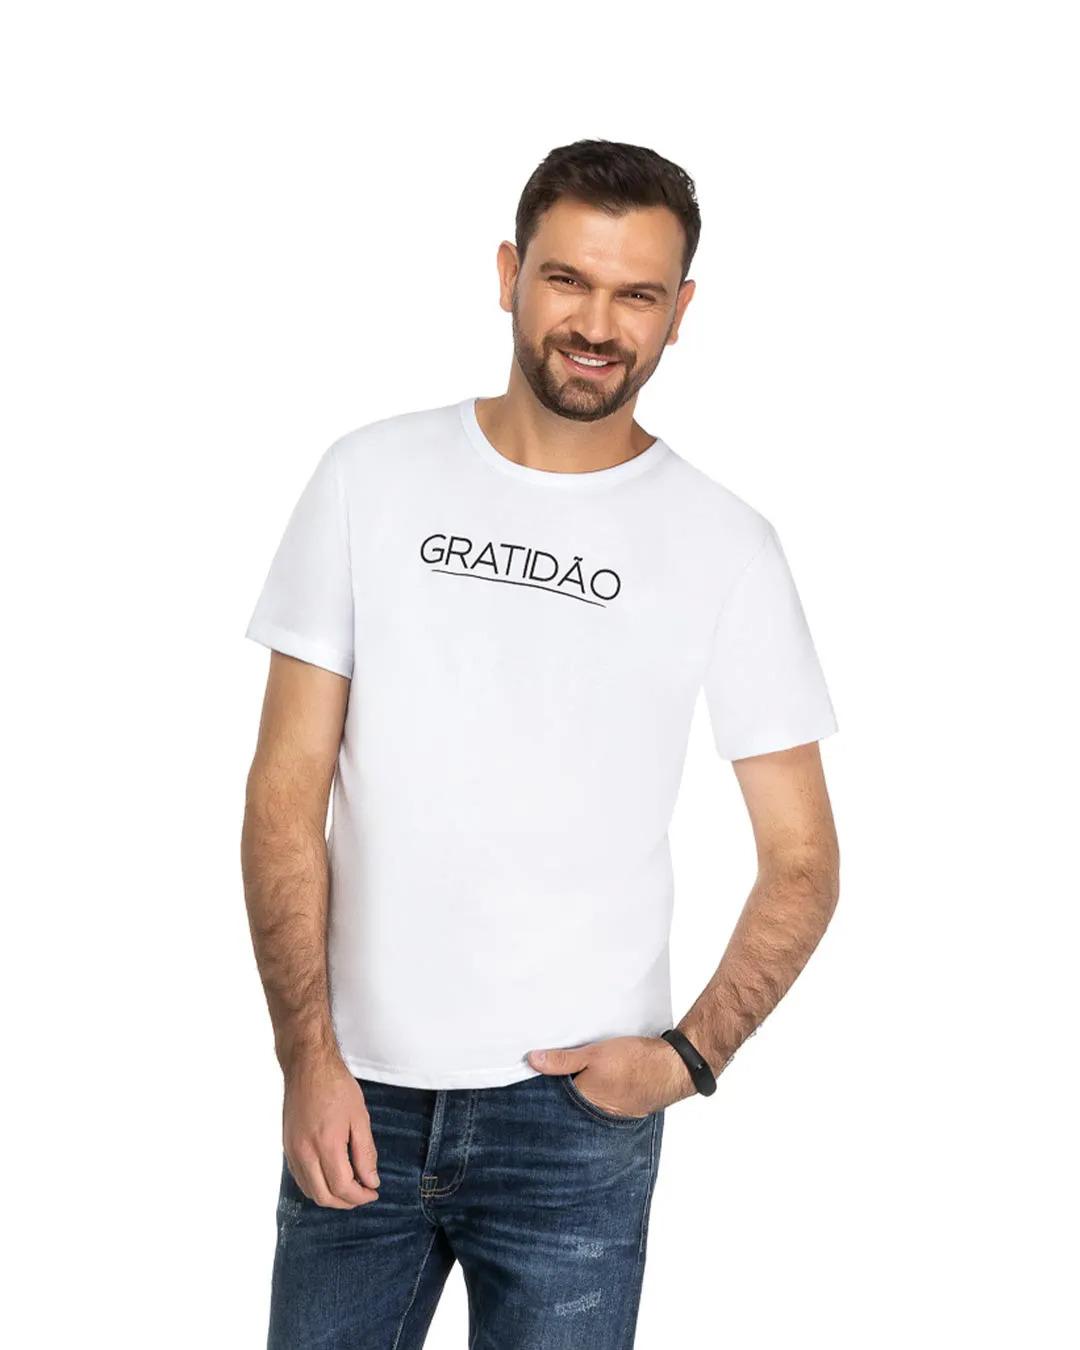 Camiseta Adulto Gratidão - Romitex